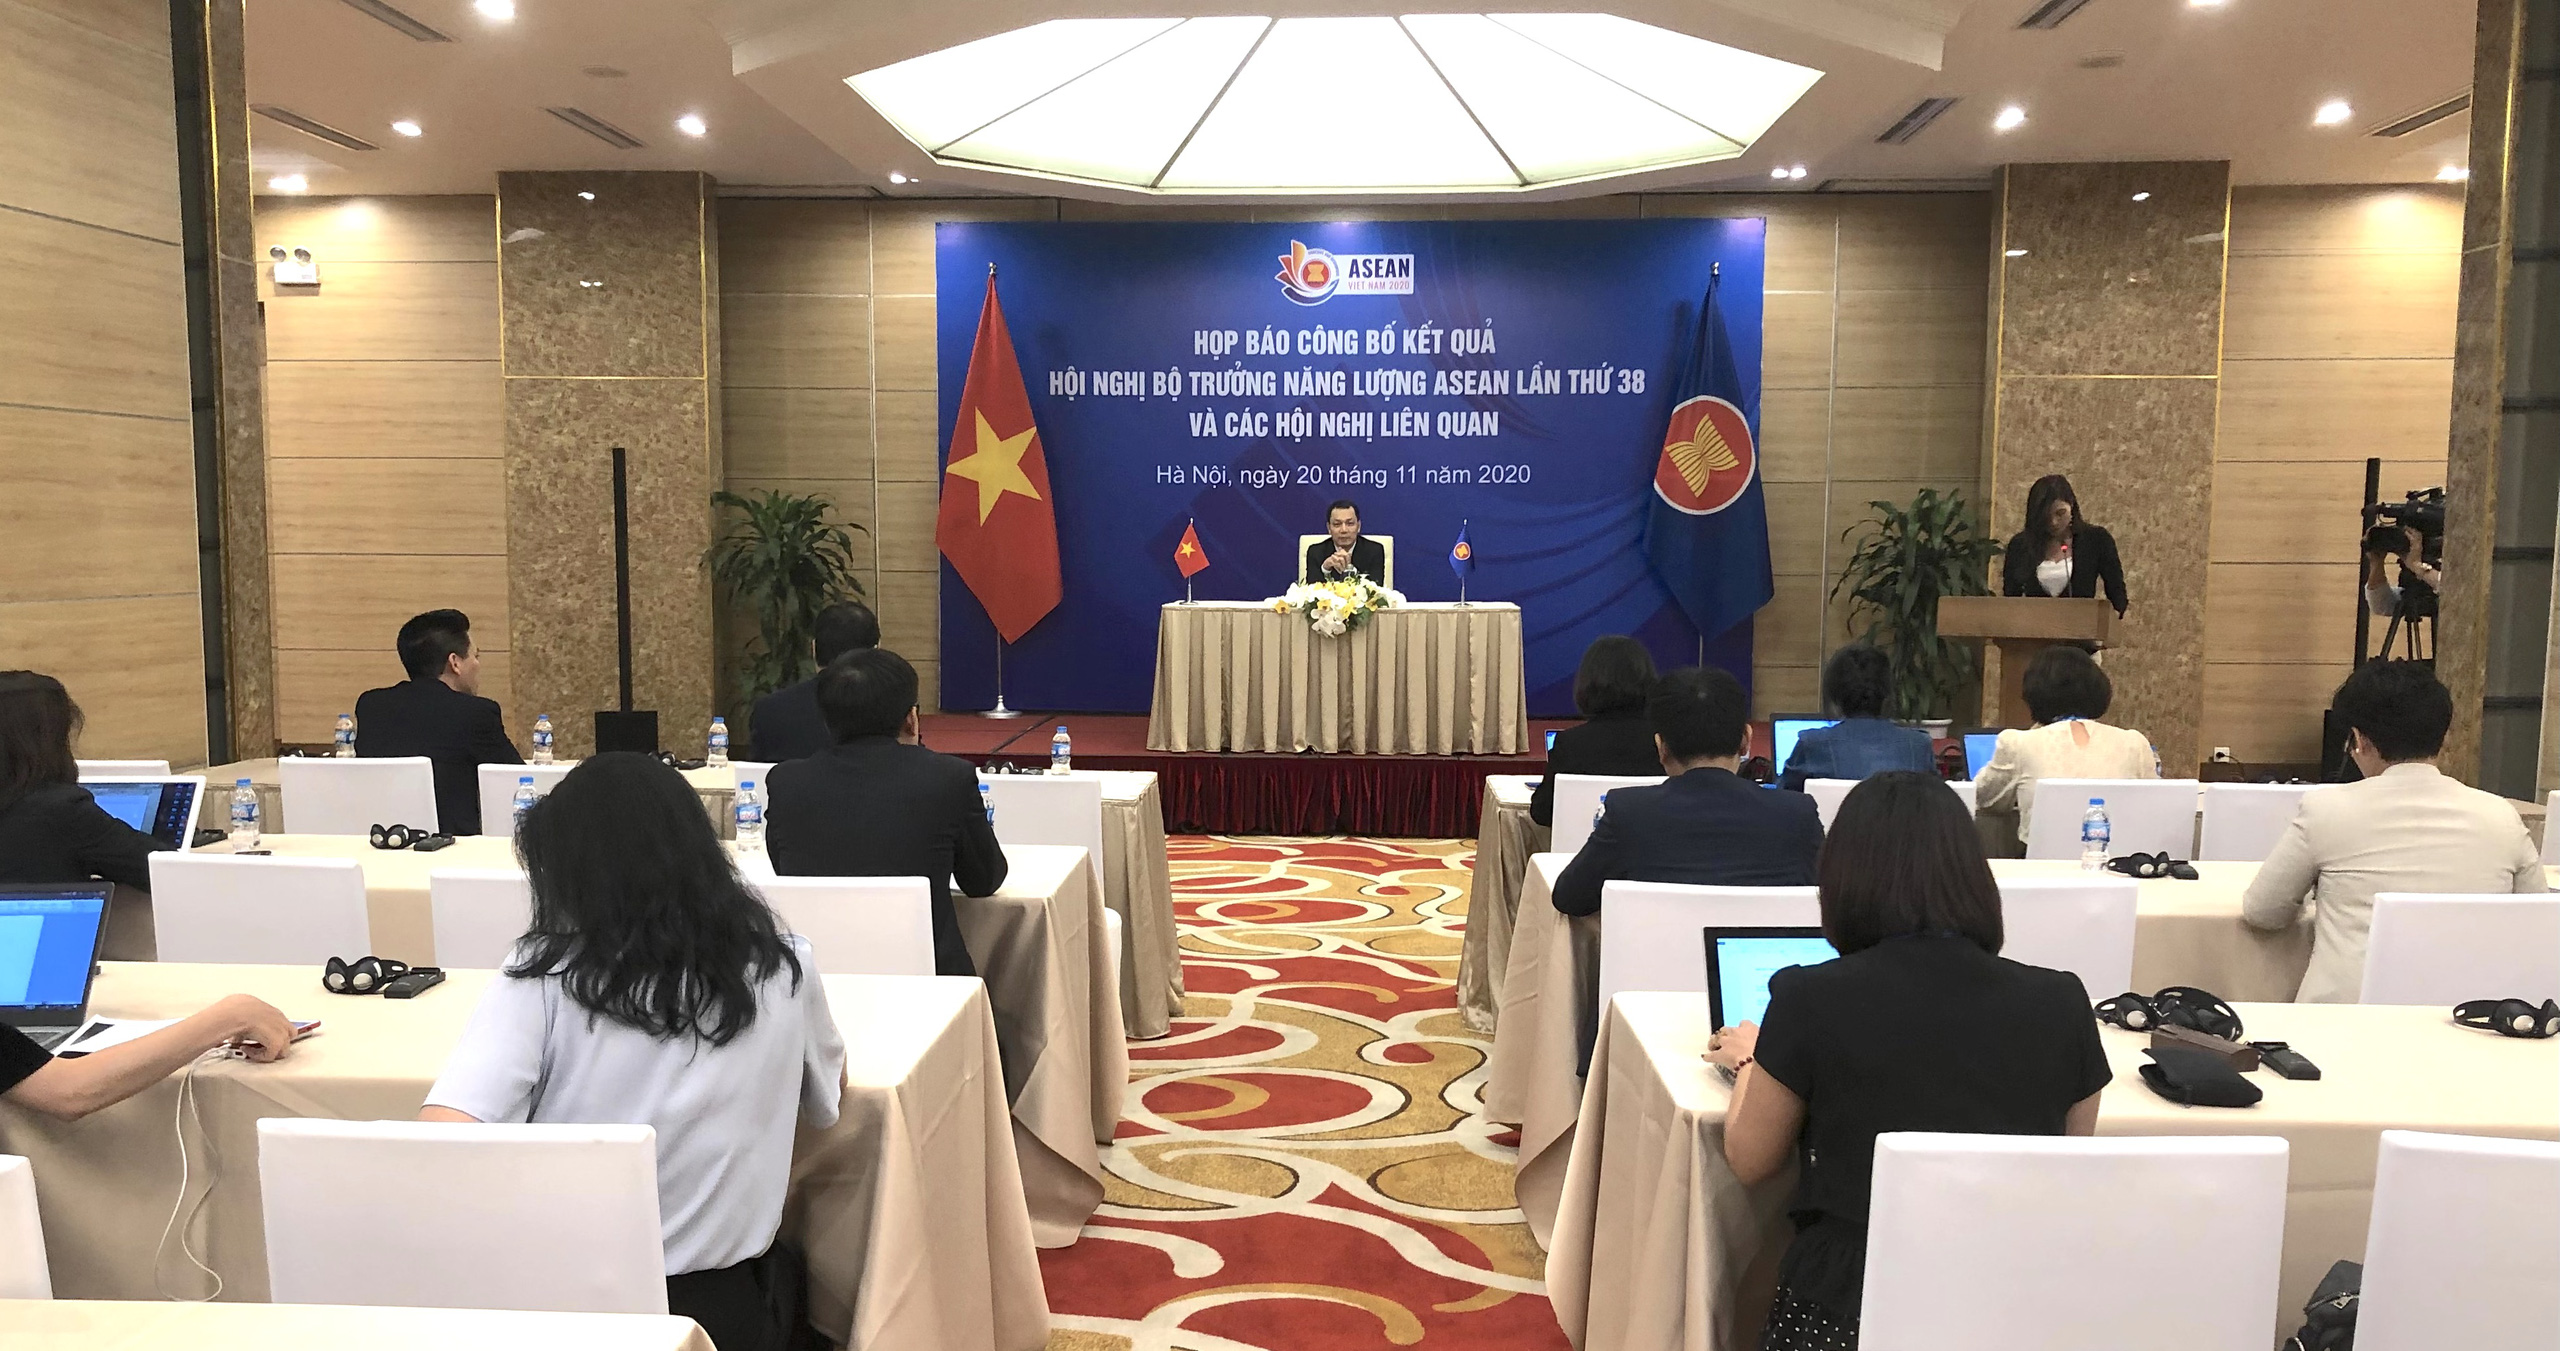 ASEAN đặt mục tiêu tỉ lệ năng lượng tái tạo đạt 23% vào năm 2025 - Ảnh 1.